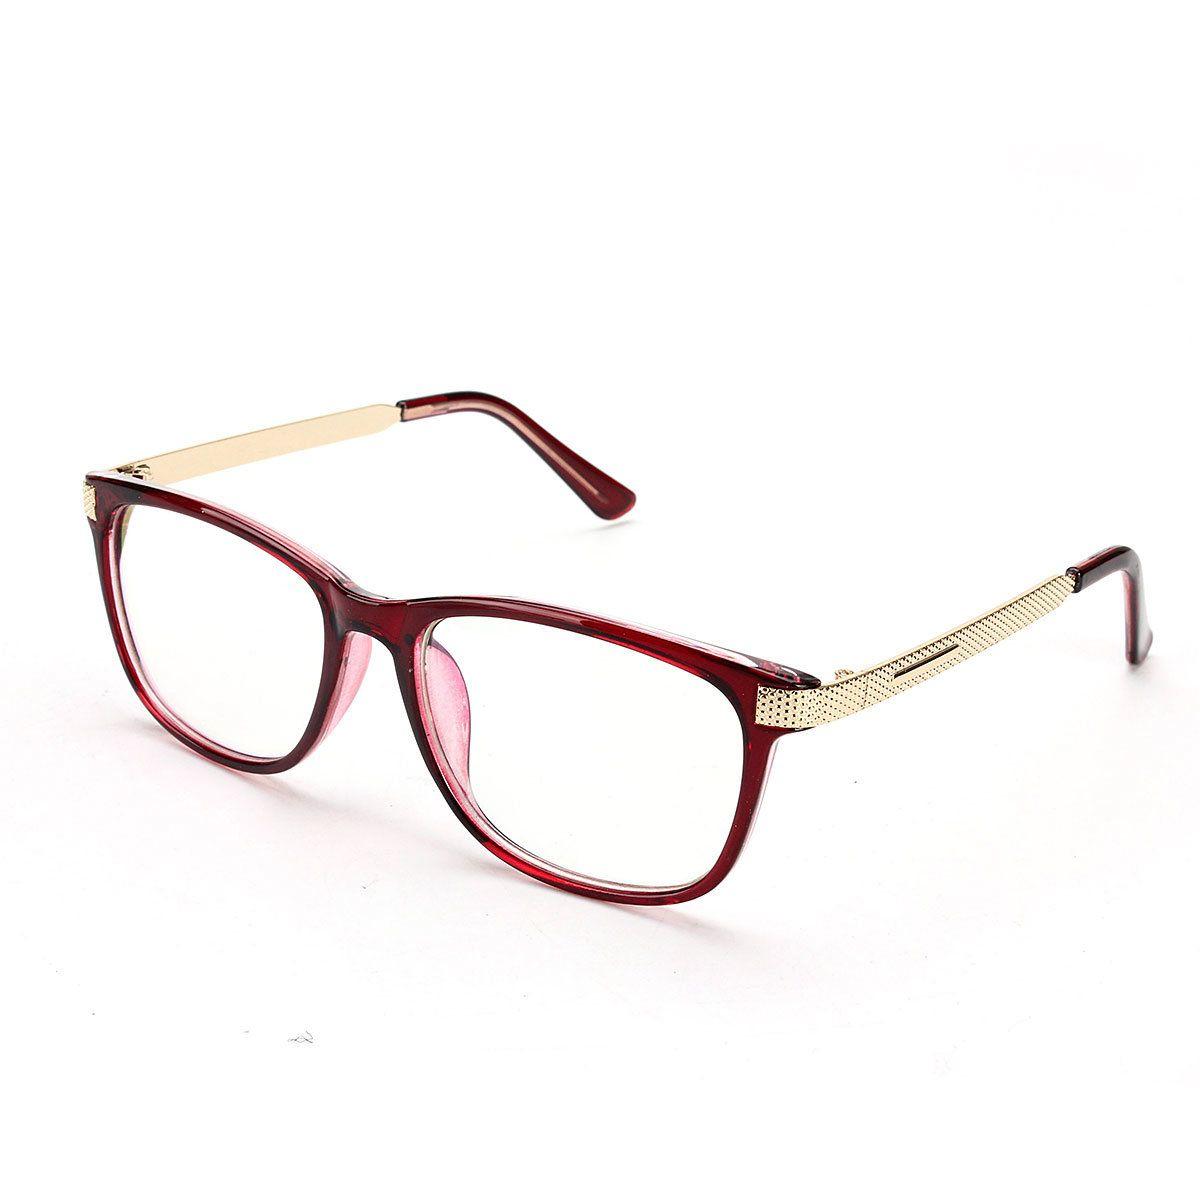 27e5b00838 Unisex Women Men Retro Eyeglass Frame Full-Rim Clear Lens Metal Plain  Glasses at Banggood